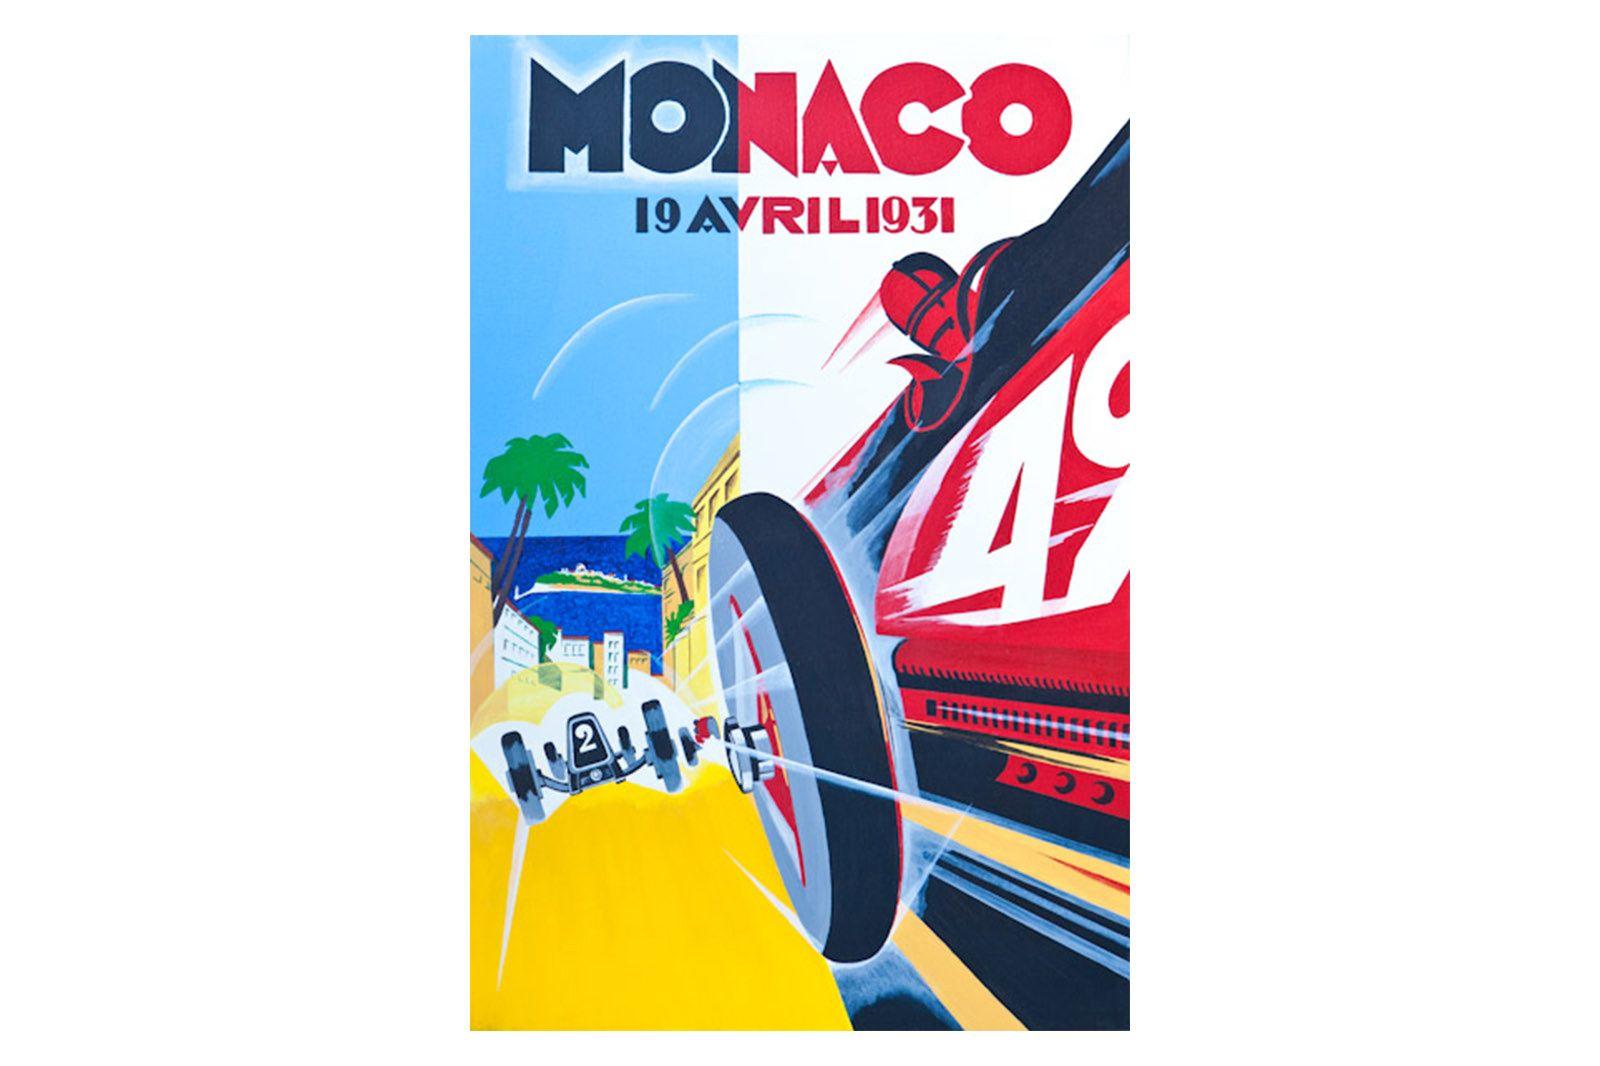 Quality Prints Framed - Monaco 19 Avril 1931